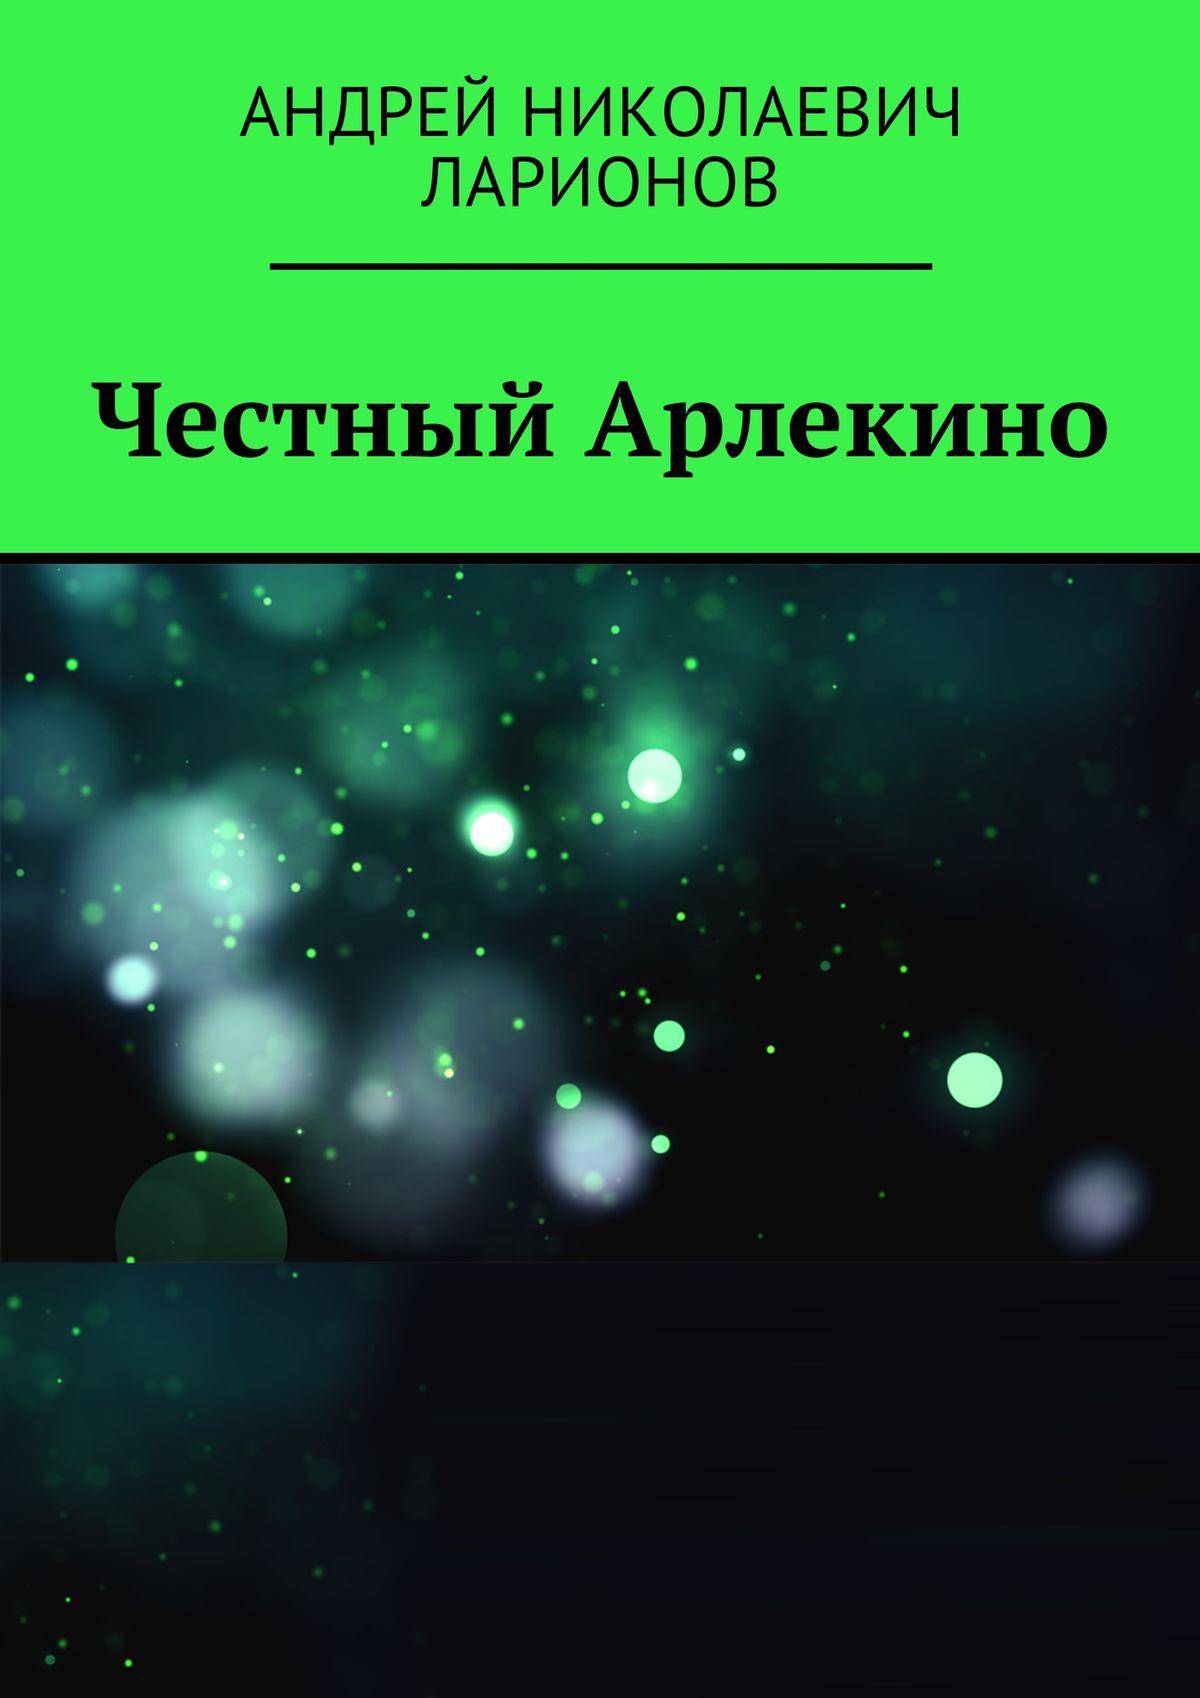 Андрей Николаевич Ларионов Честный Арлекино цена